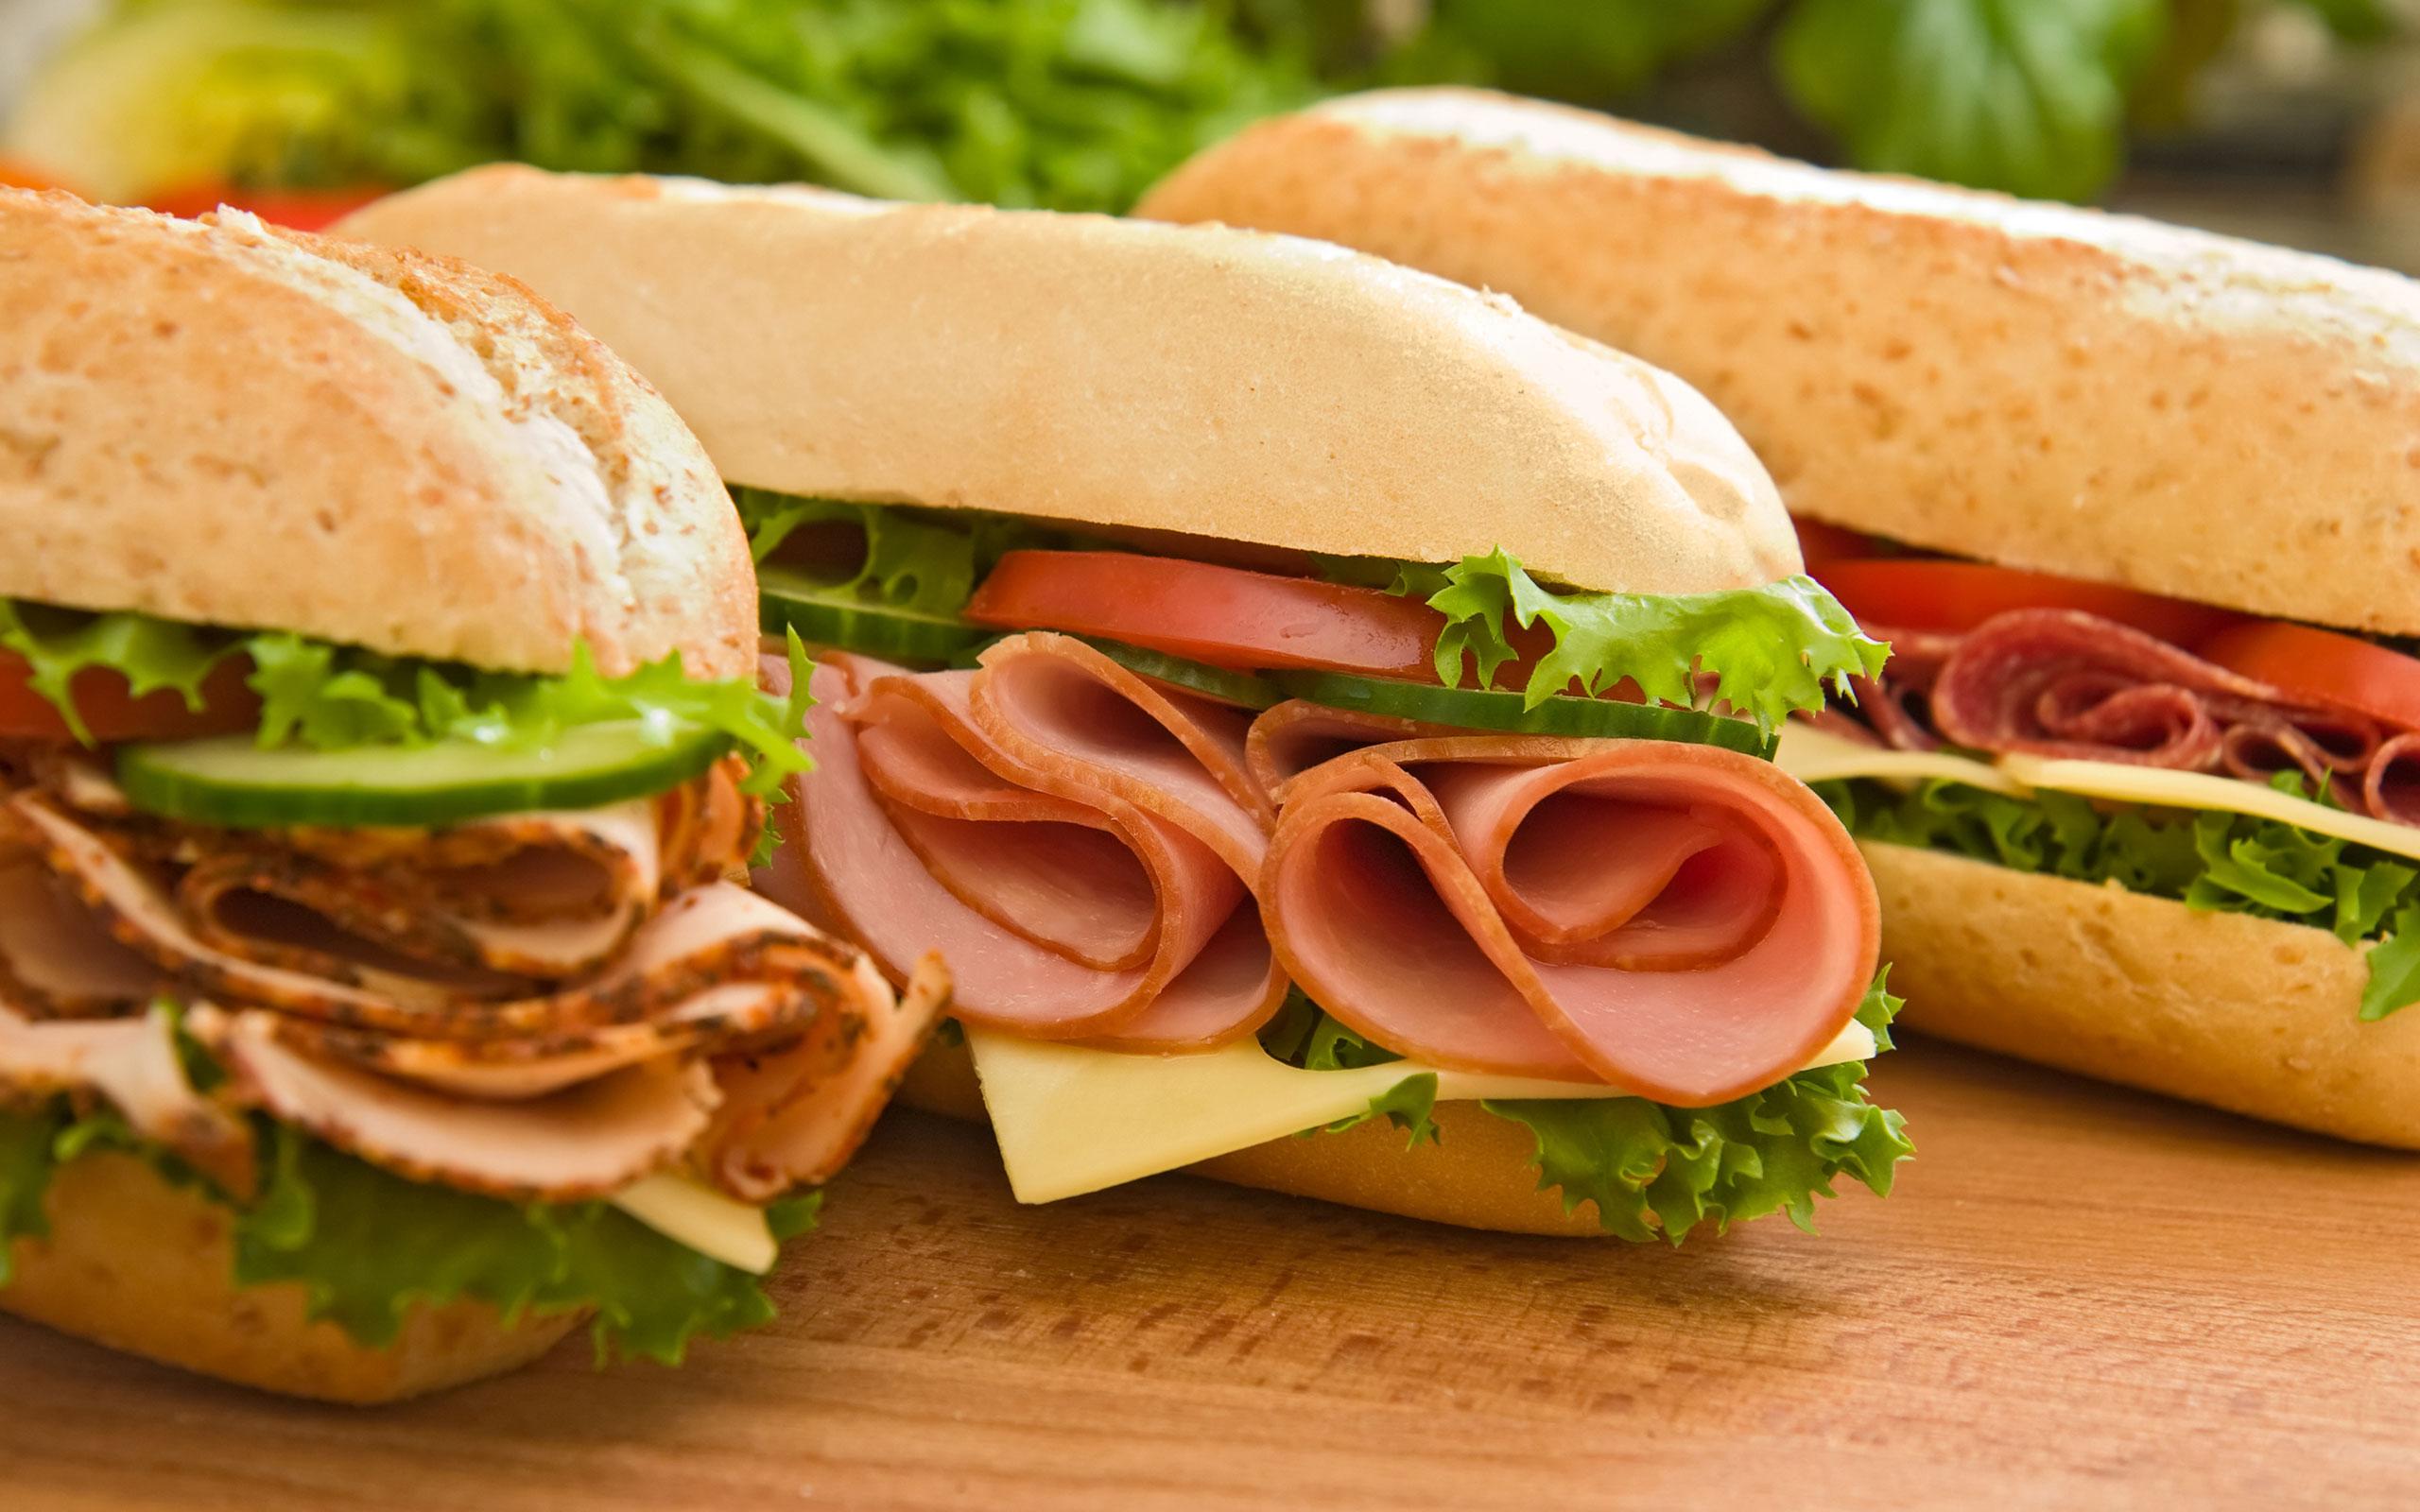 High Resolution Wallpaper | Sandwich 2560x1600 px